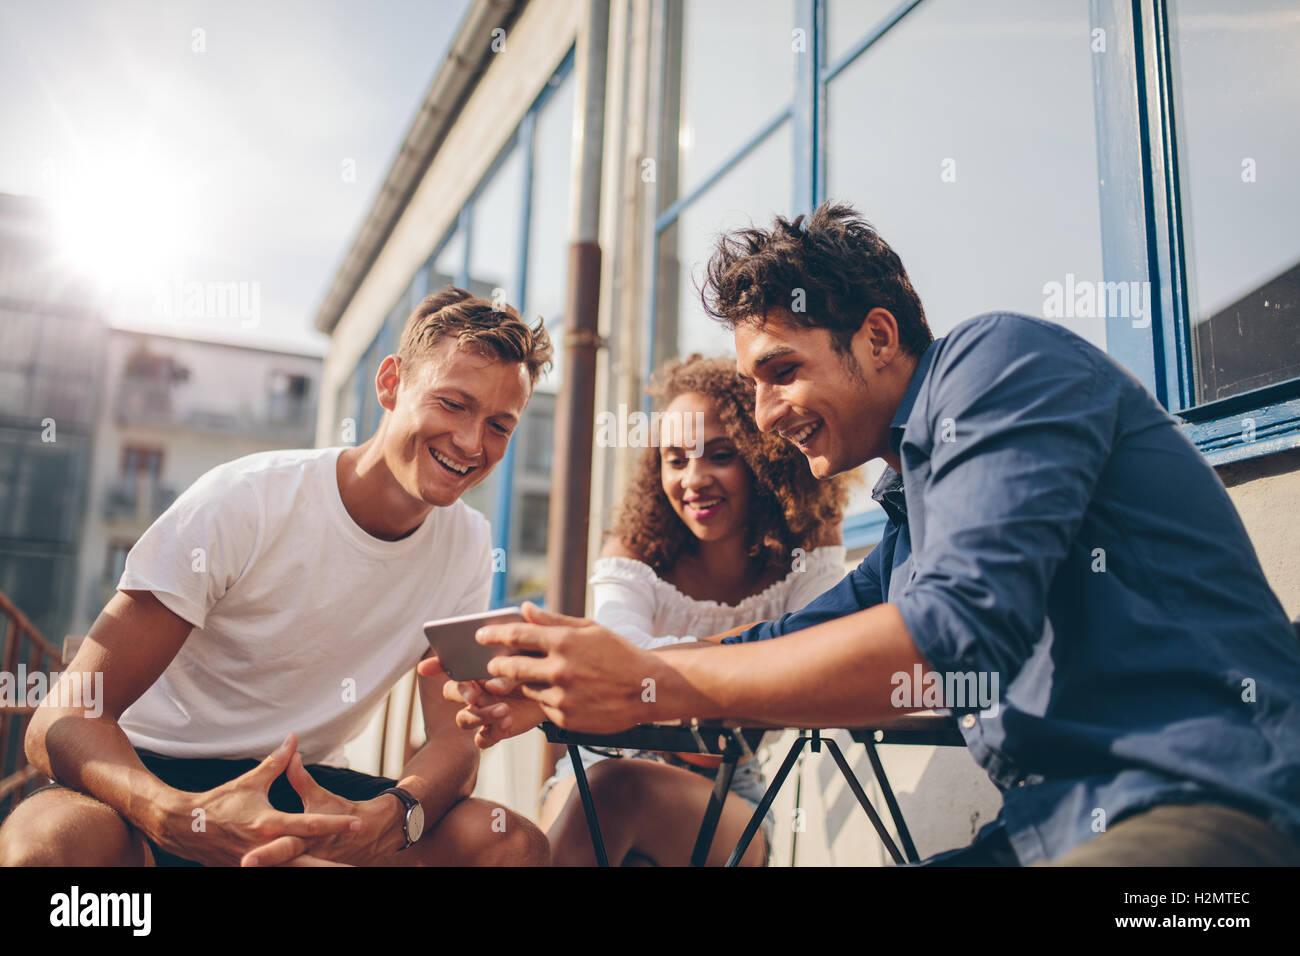 Tres jóvenes amigos sentados al aire libre y mirando al teléfono móvil. Grupo de gente sentada en la cafetería al aire libre y ver video en Foto de stock